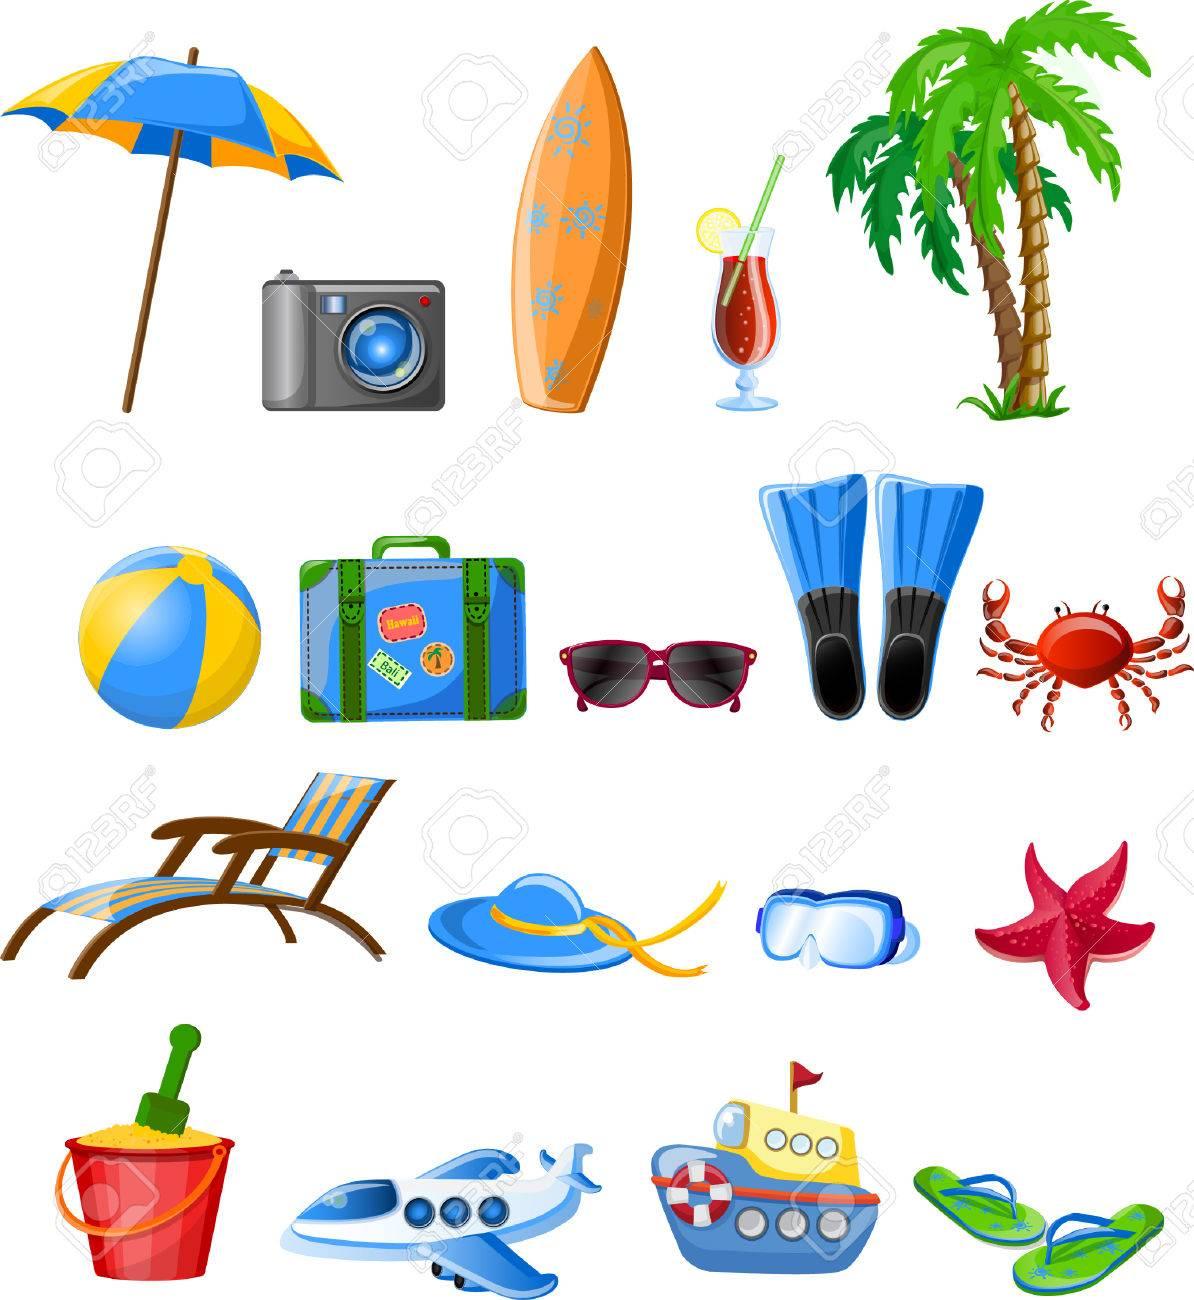 Travel icons - 33974062